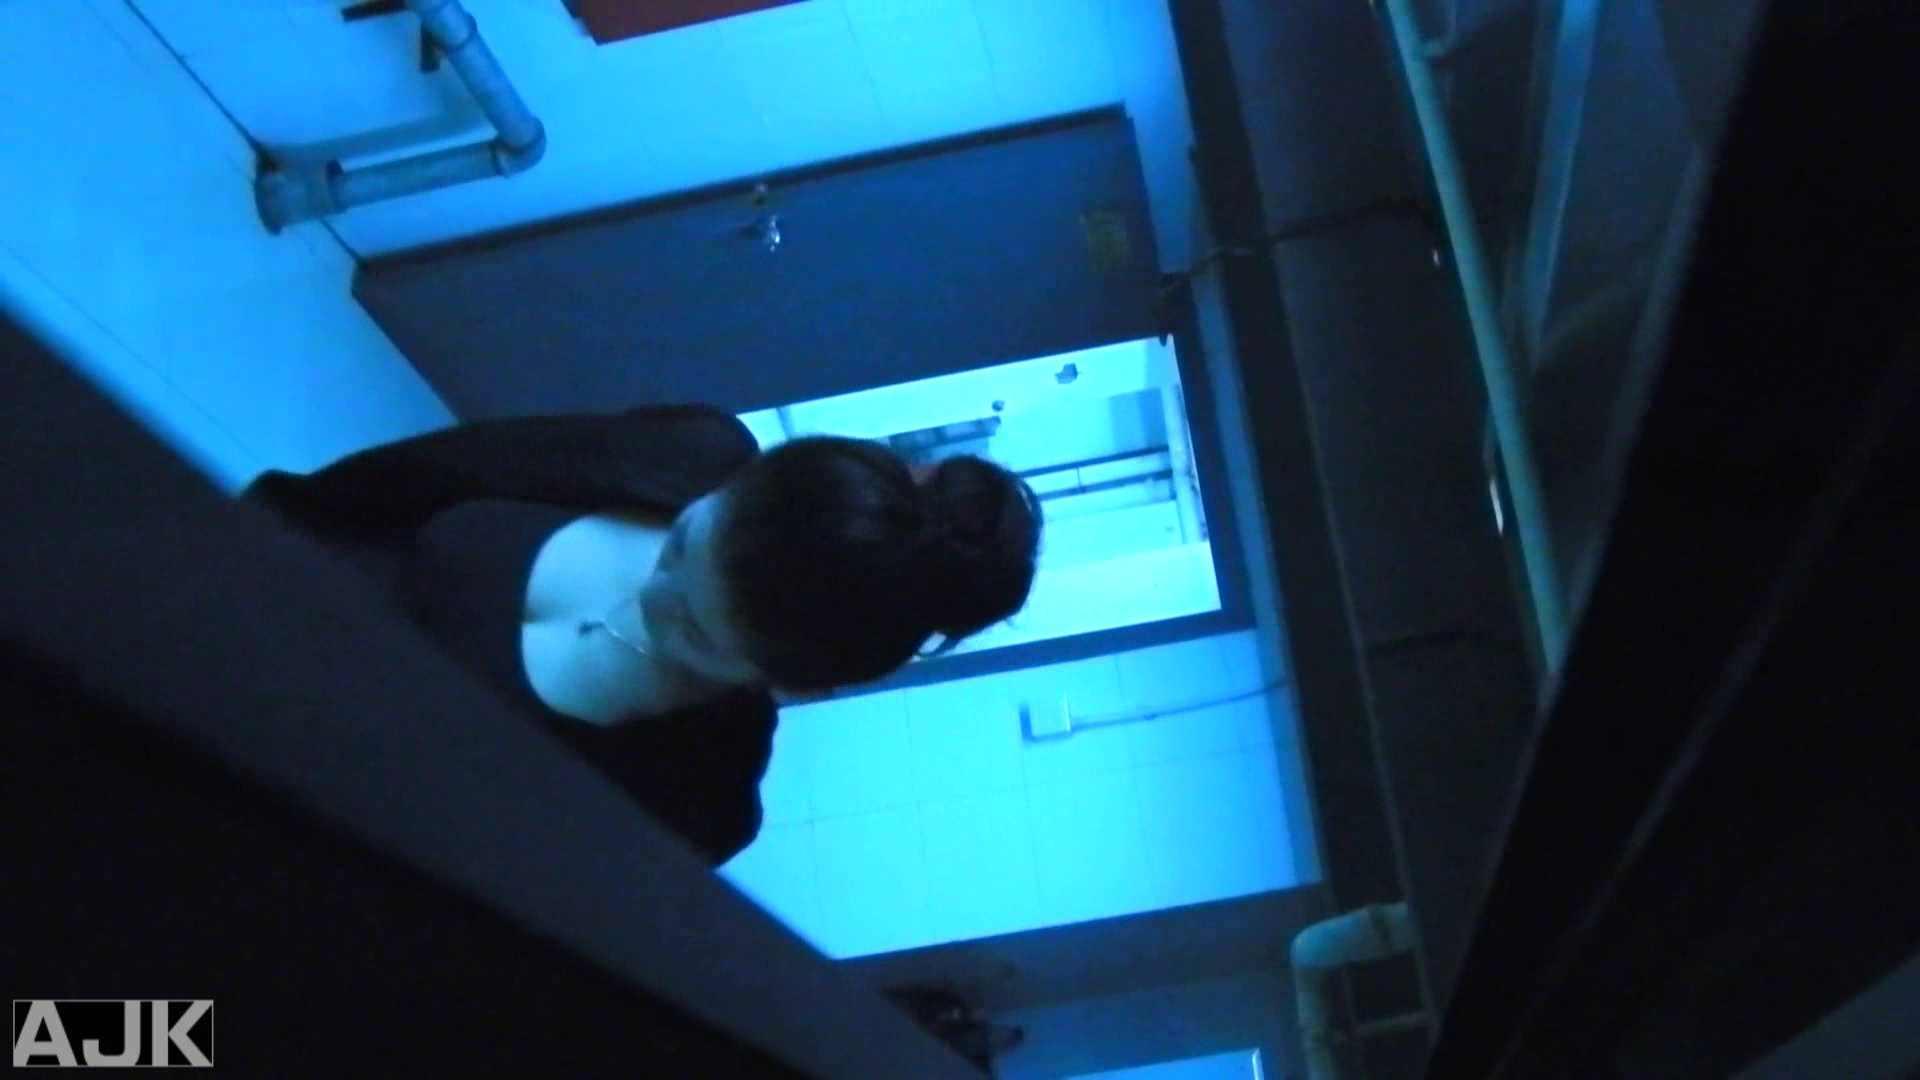 神降臨!史上最強の潜入かわや! vol.24 マンコ おまんこ無修正動画無料 87連発 67